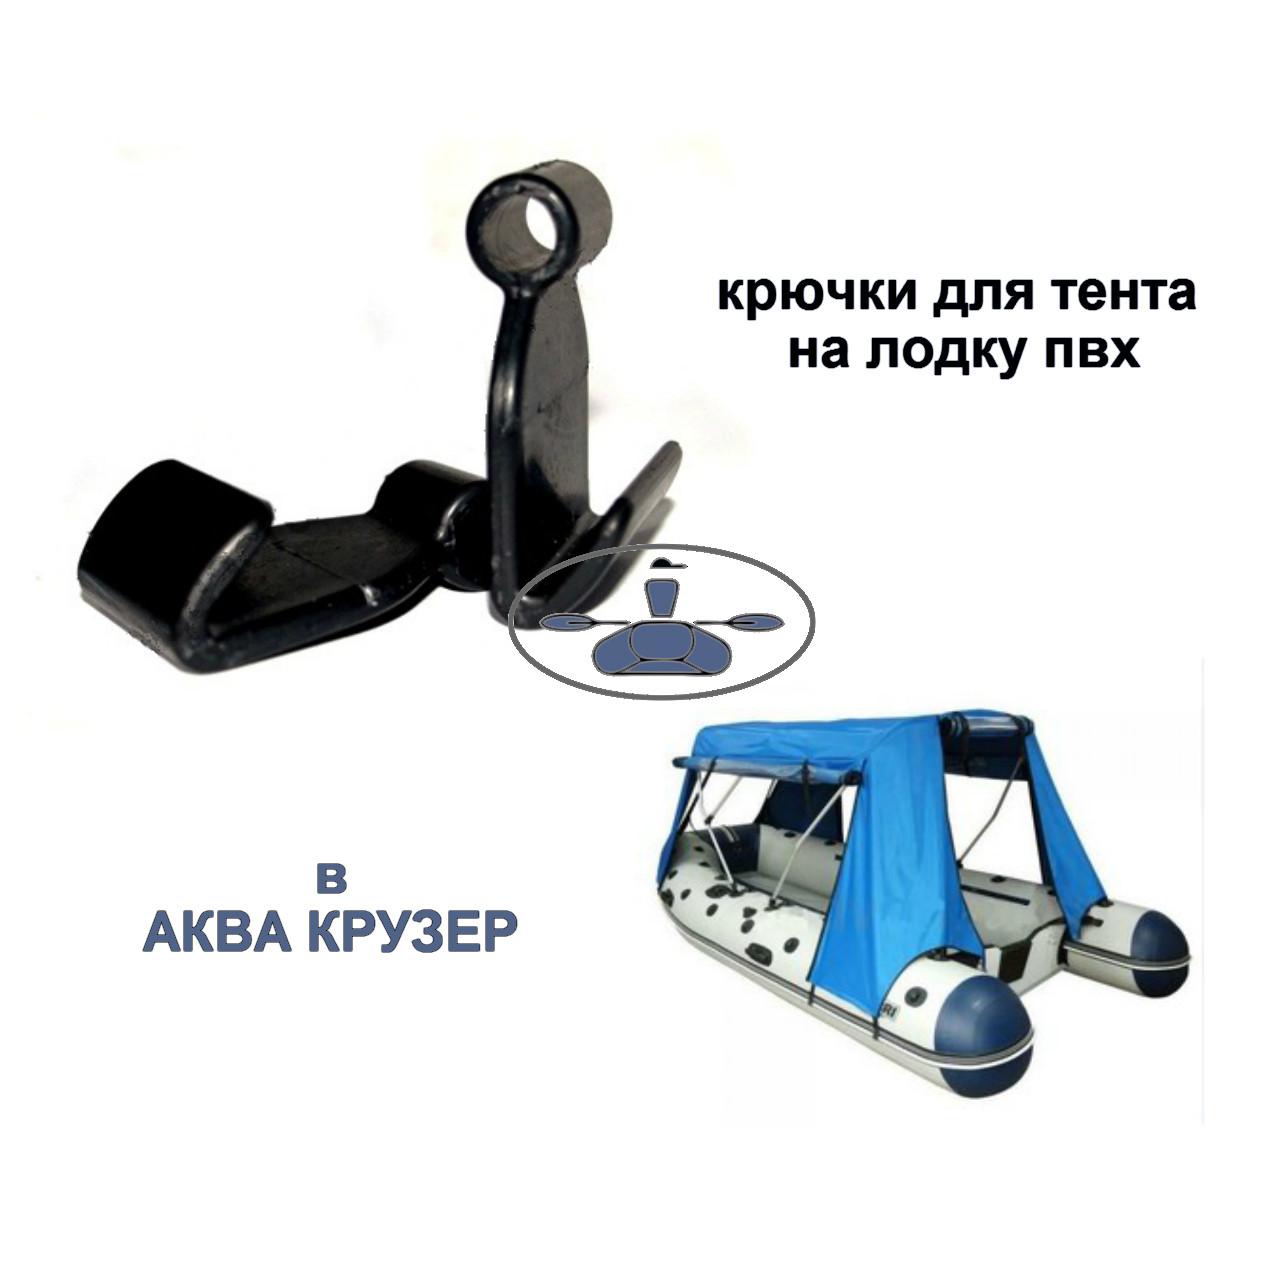 Крючки для тента на лодку пвх - Аква Крузер / Aqua Cruiser в Харькове